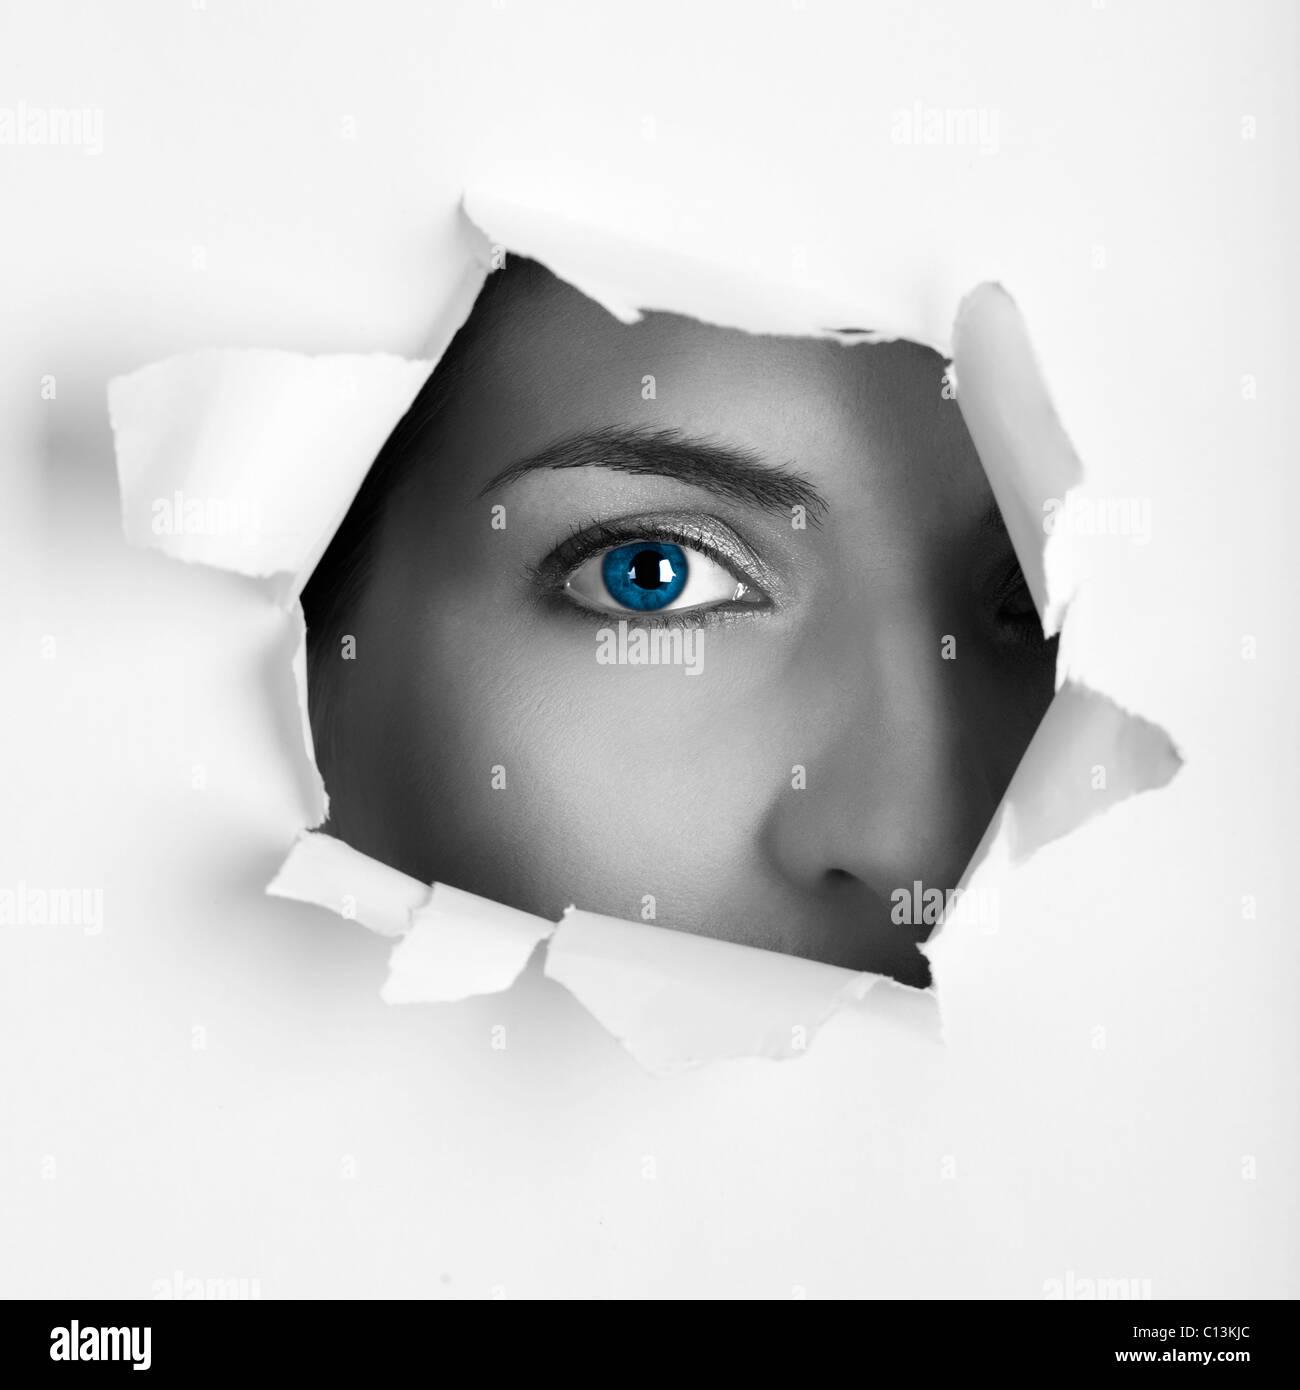 Belle femme blue eye à travers un trou sur une feuille de papier Banque D'Images